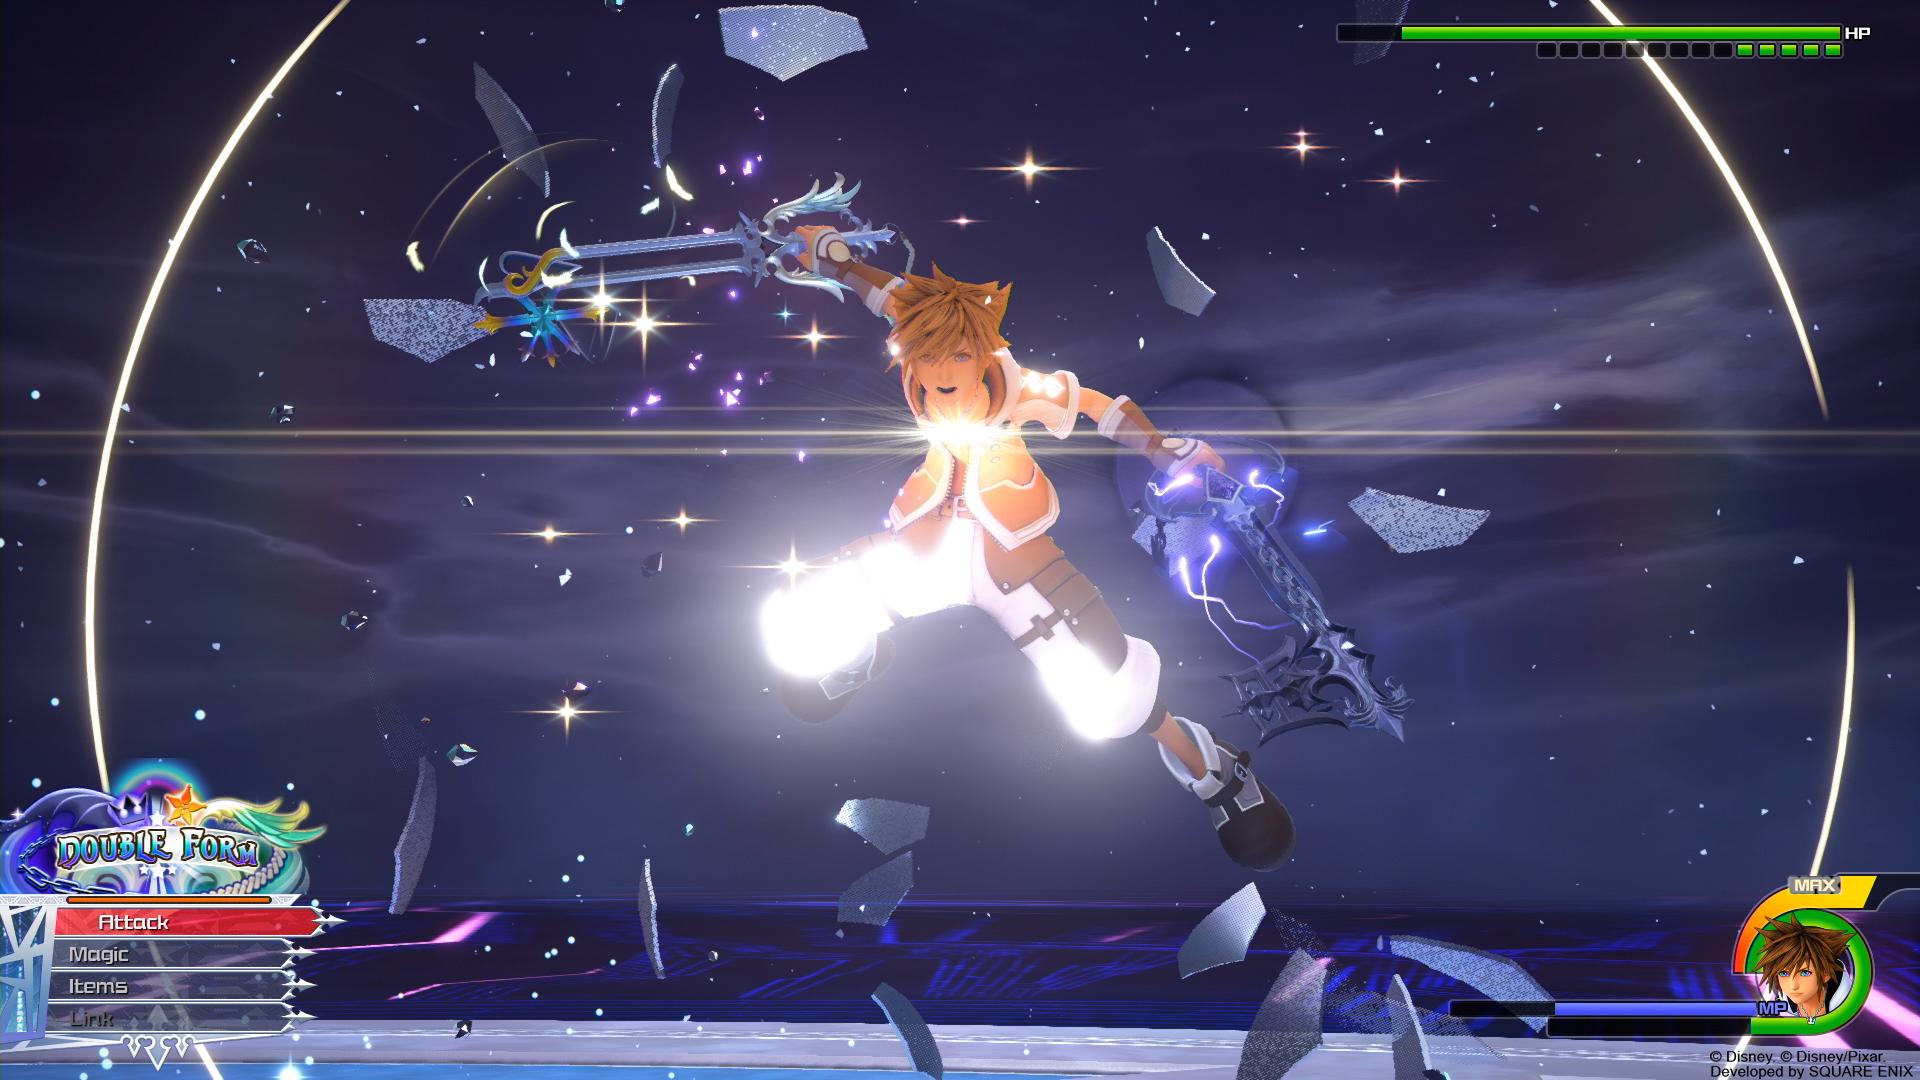 Kingdom-Hearts-III_2020_01-19-20_008